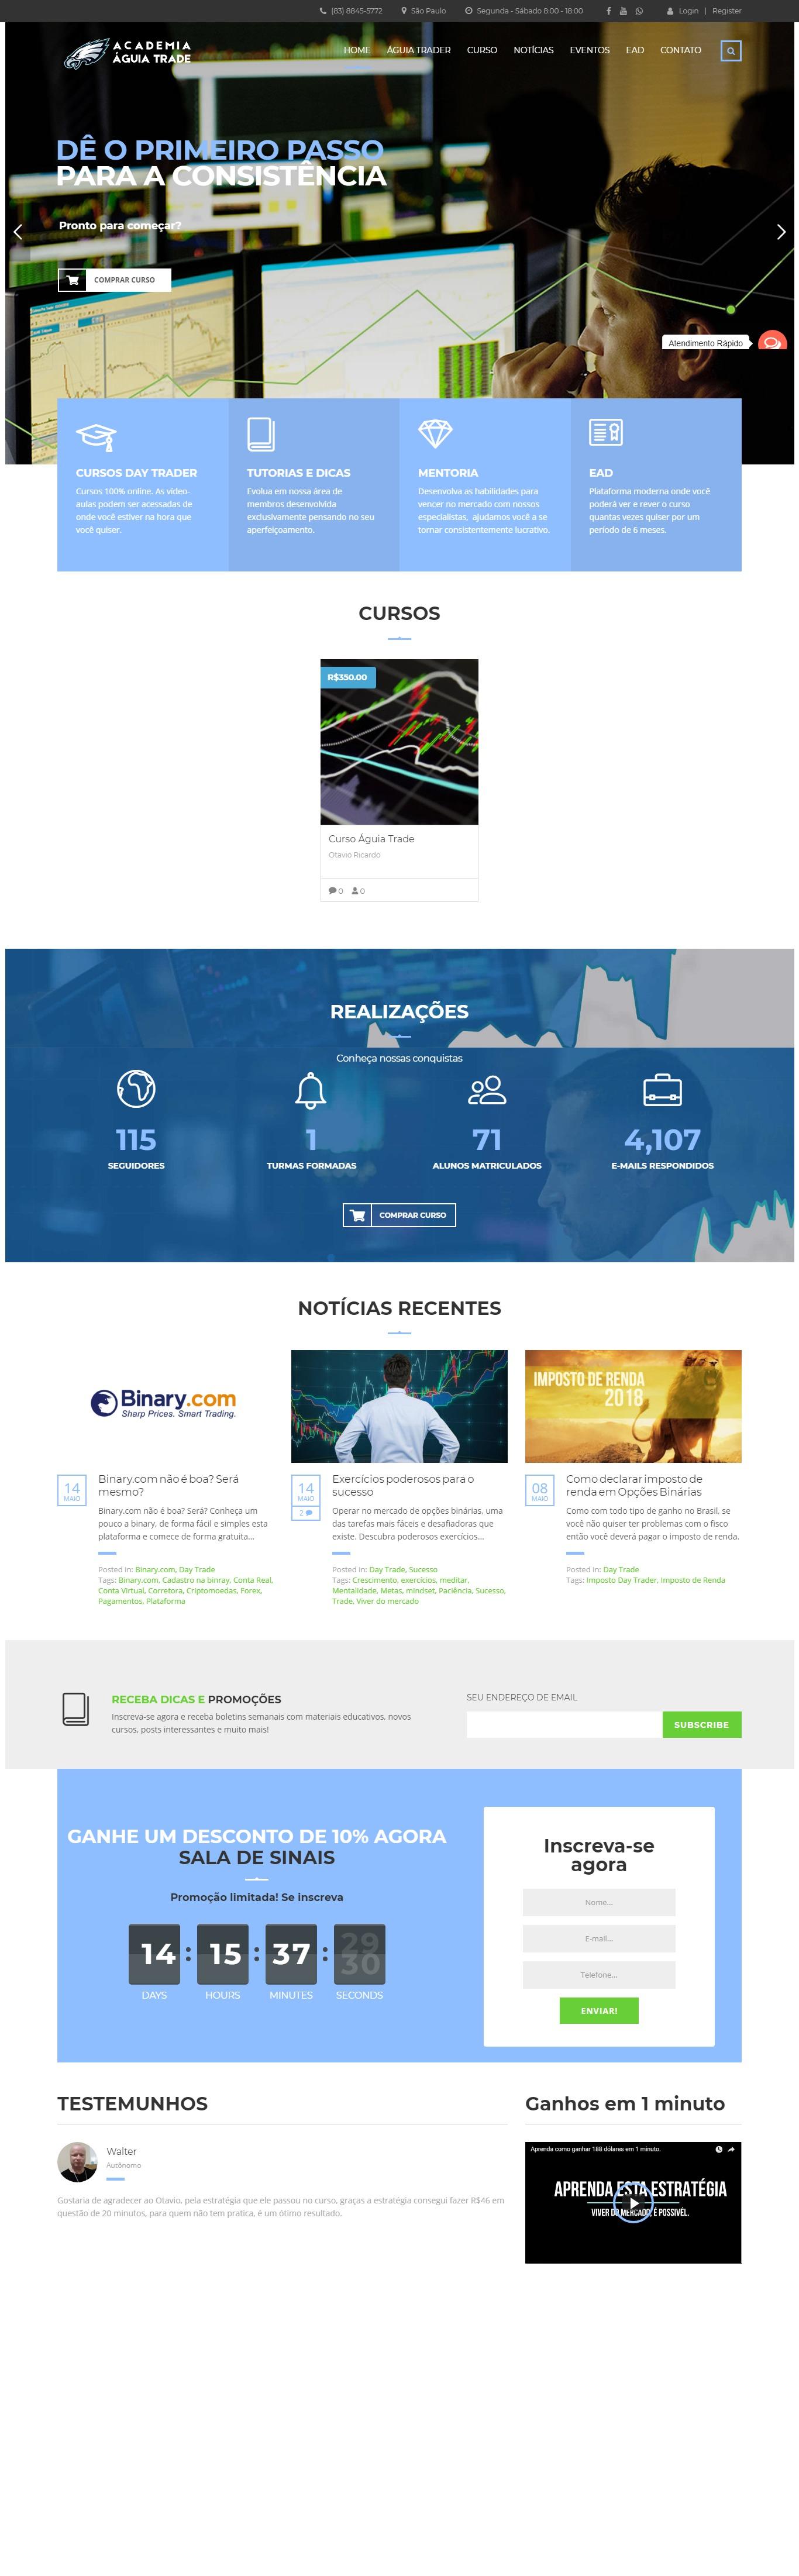 aguia-trader-brasilia-tecnologia-desenvolvimento-sites-websites-suporte-seo-hospedagem